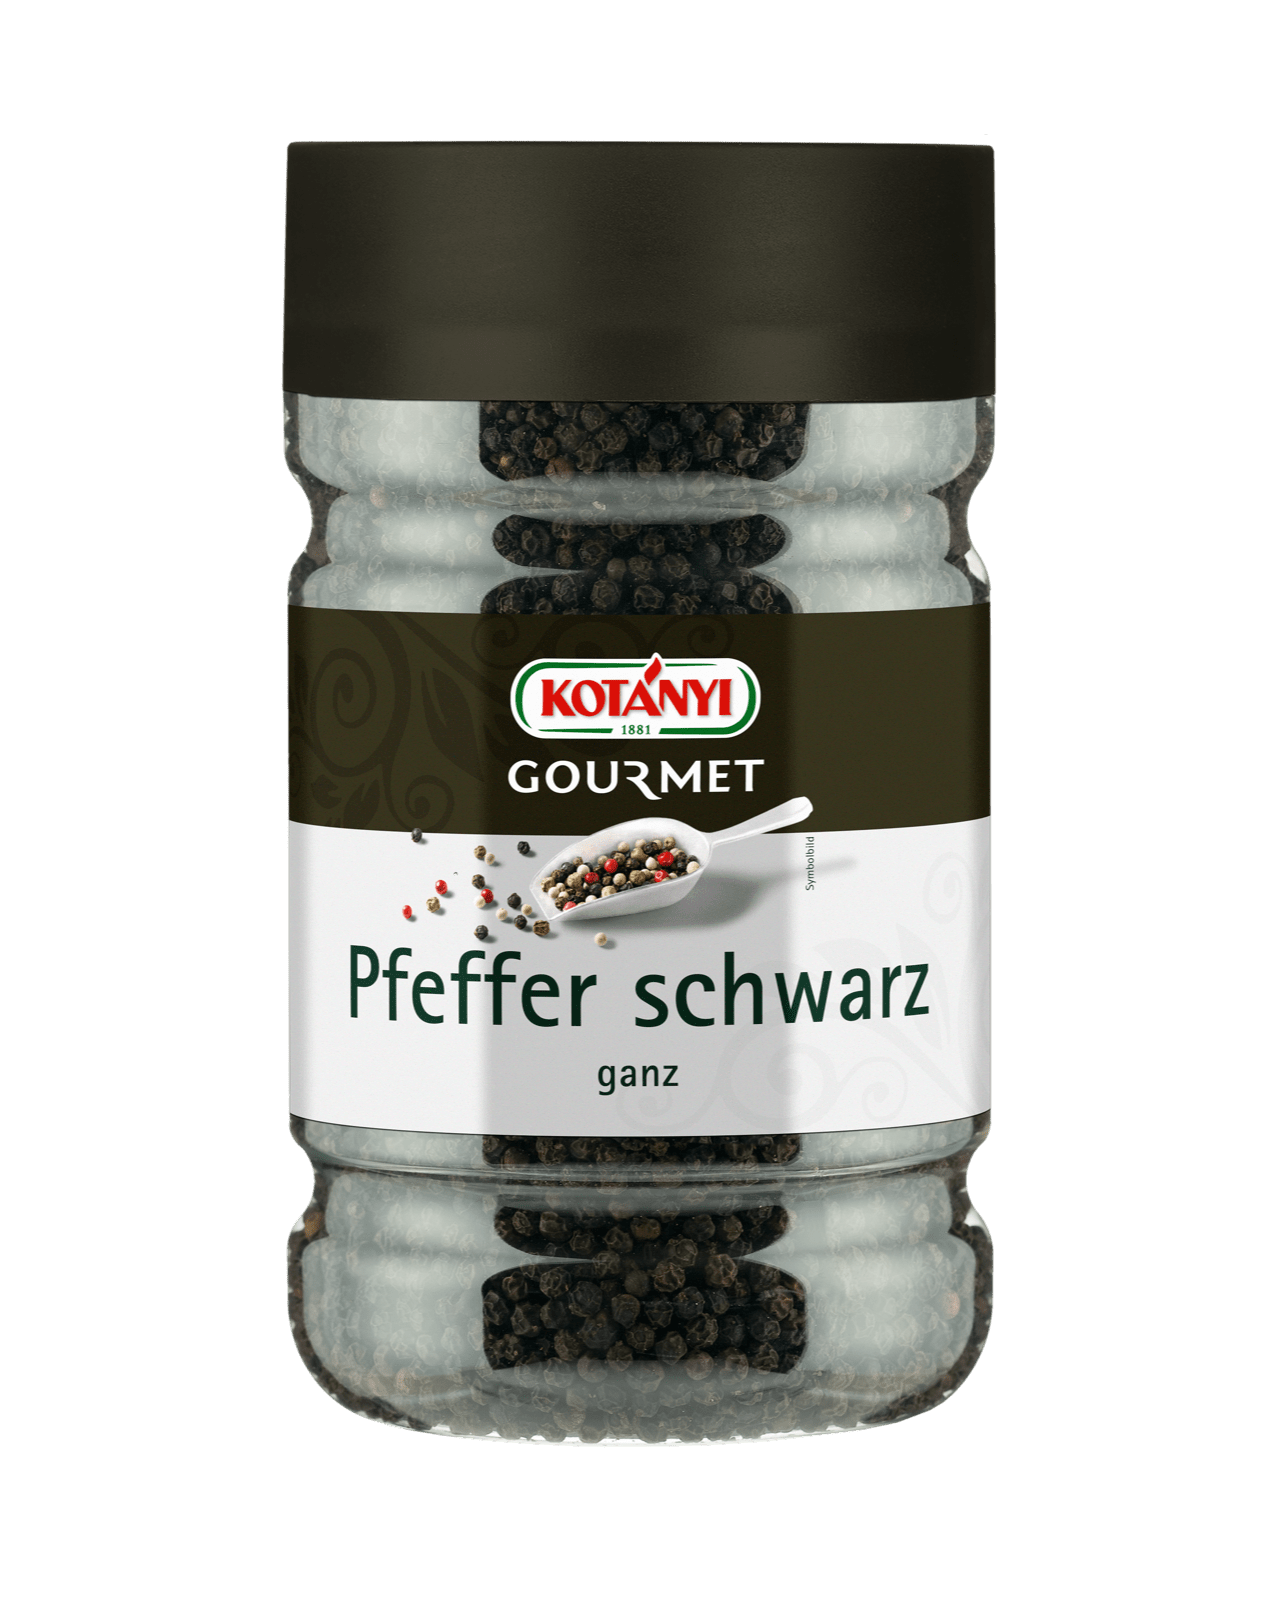 Kotanyi Gourmet Pfeffer schwarz ganz in der 1200ccm Dose